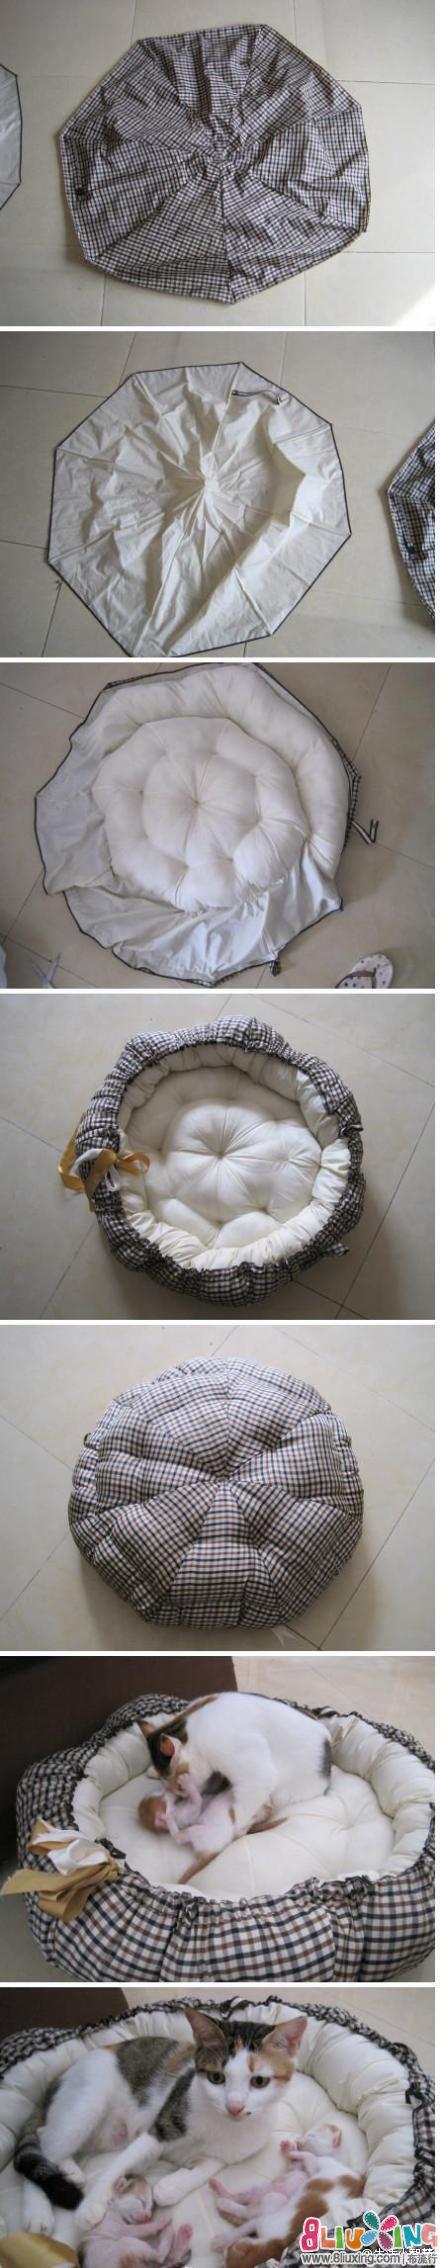 家里有烂雨伞的,别浪费了,做个南瓜猫窝吧,漂亮又实用~